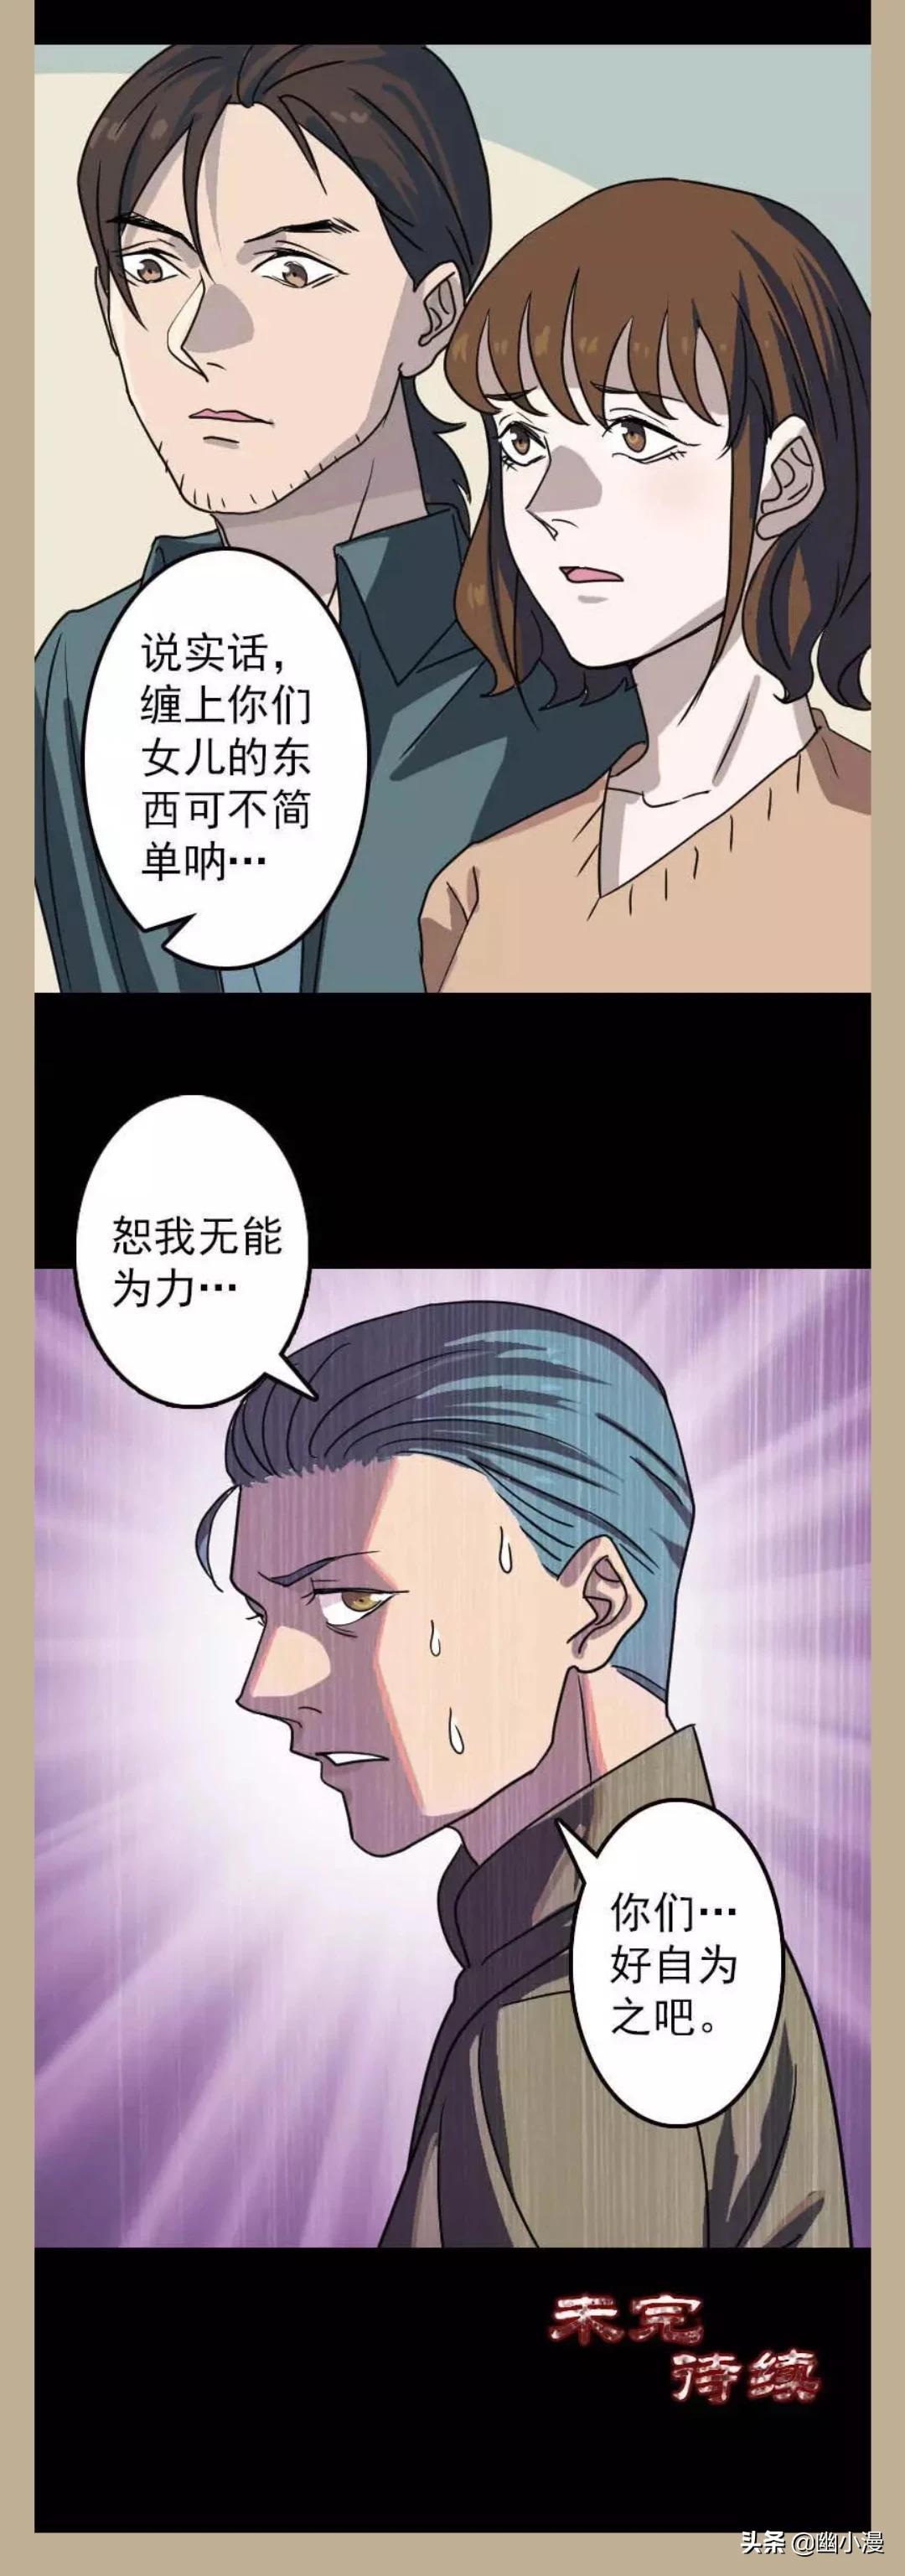 恐怖悬疑惊悚盗墓漫画小说《凶棺》连载-第16章:何方妖孽